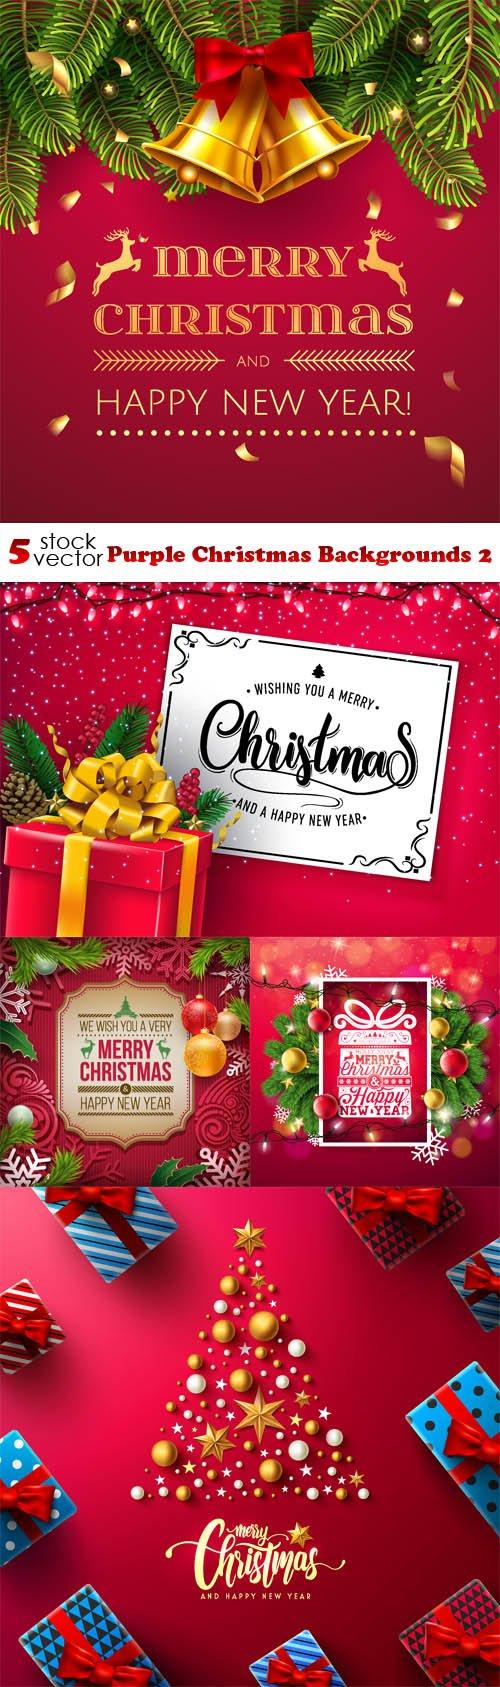 Vectors - Purple Christmas Backgrounds 2